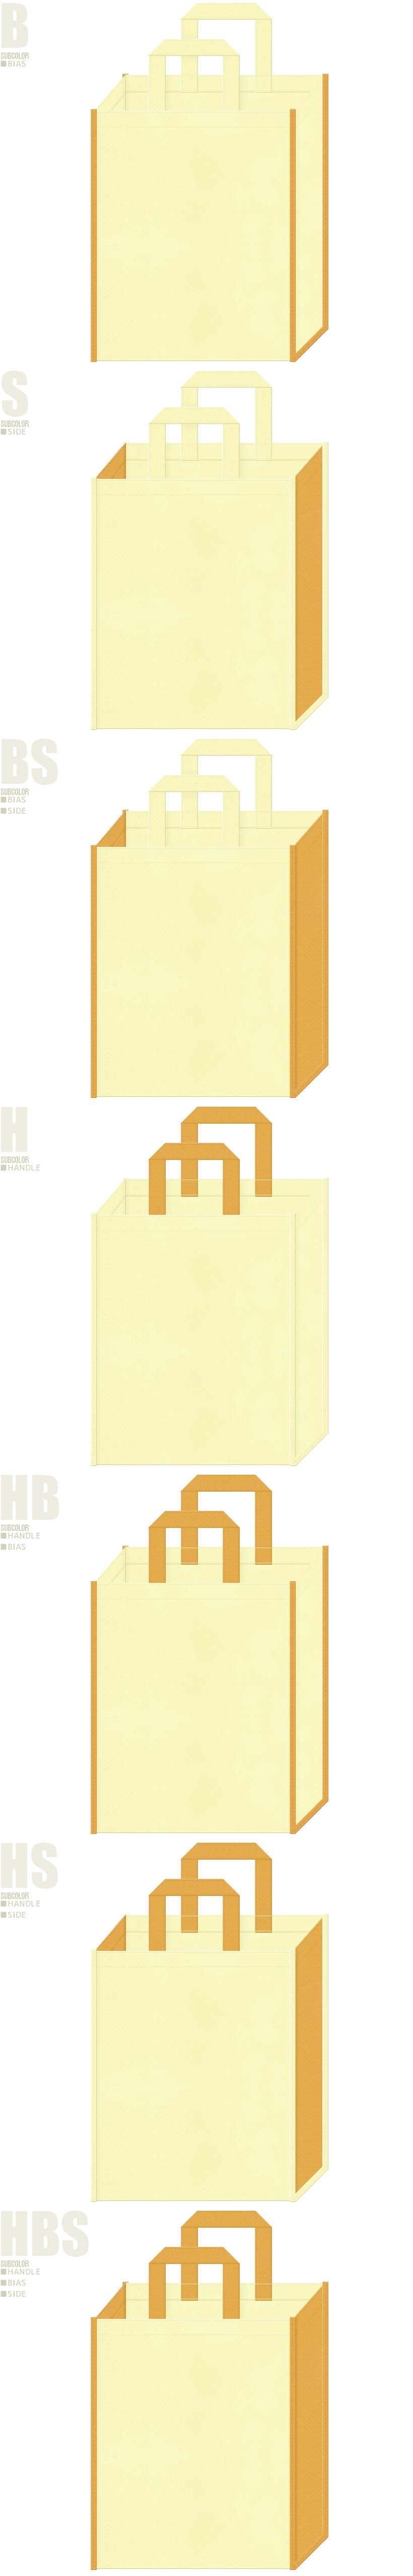 絵本・おとぎ話・テーマパーク・フライドポテト・鯛焼き・どら焼き・クレープ・クッキー・マーガリン・ホットケーキ・チーズタルト・チーズケーキ・お菓子の家・スイーツ・ベーカリー・和菓子にお奨めの不織布バッグデザイン:薄黄色と黄土色の配色7パターン。